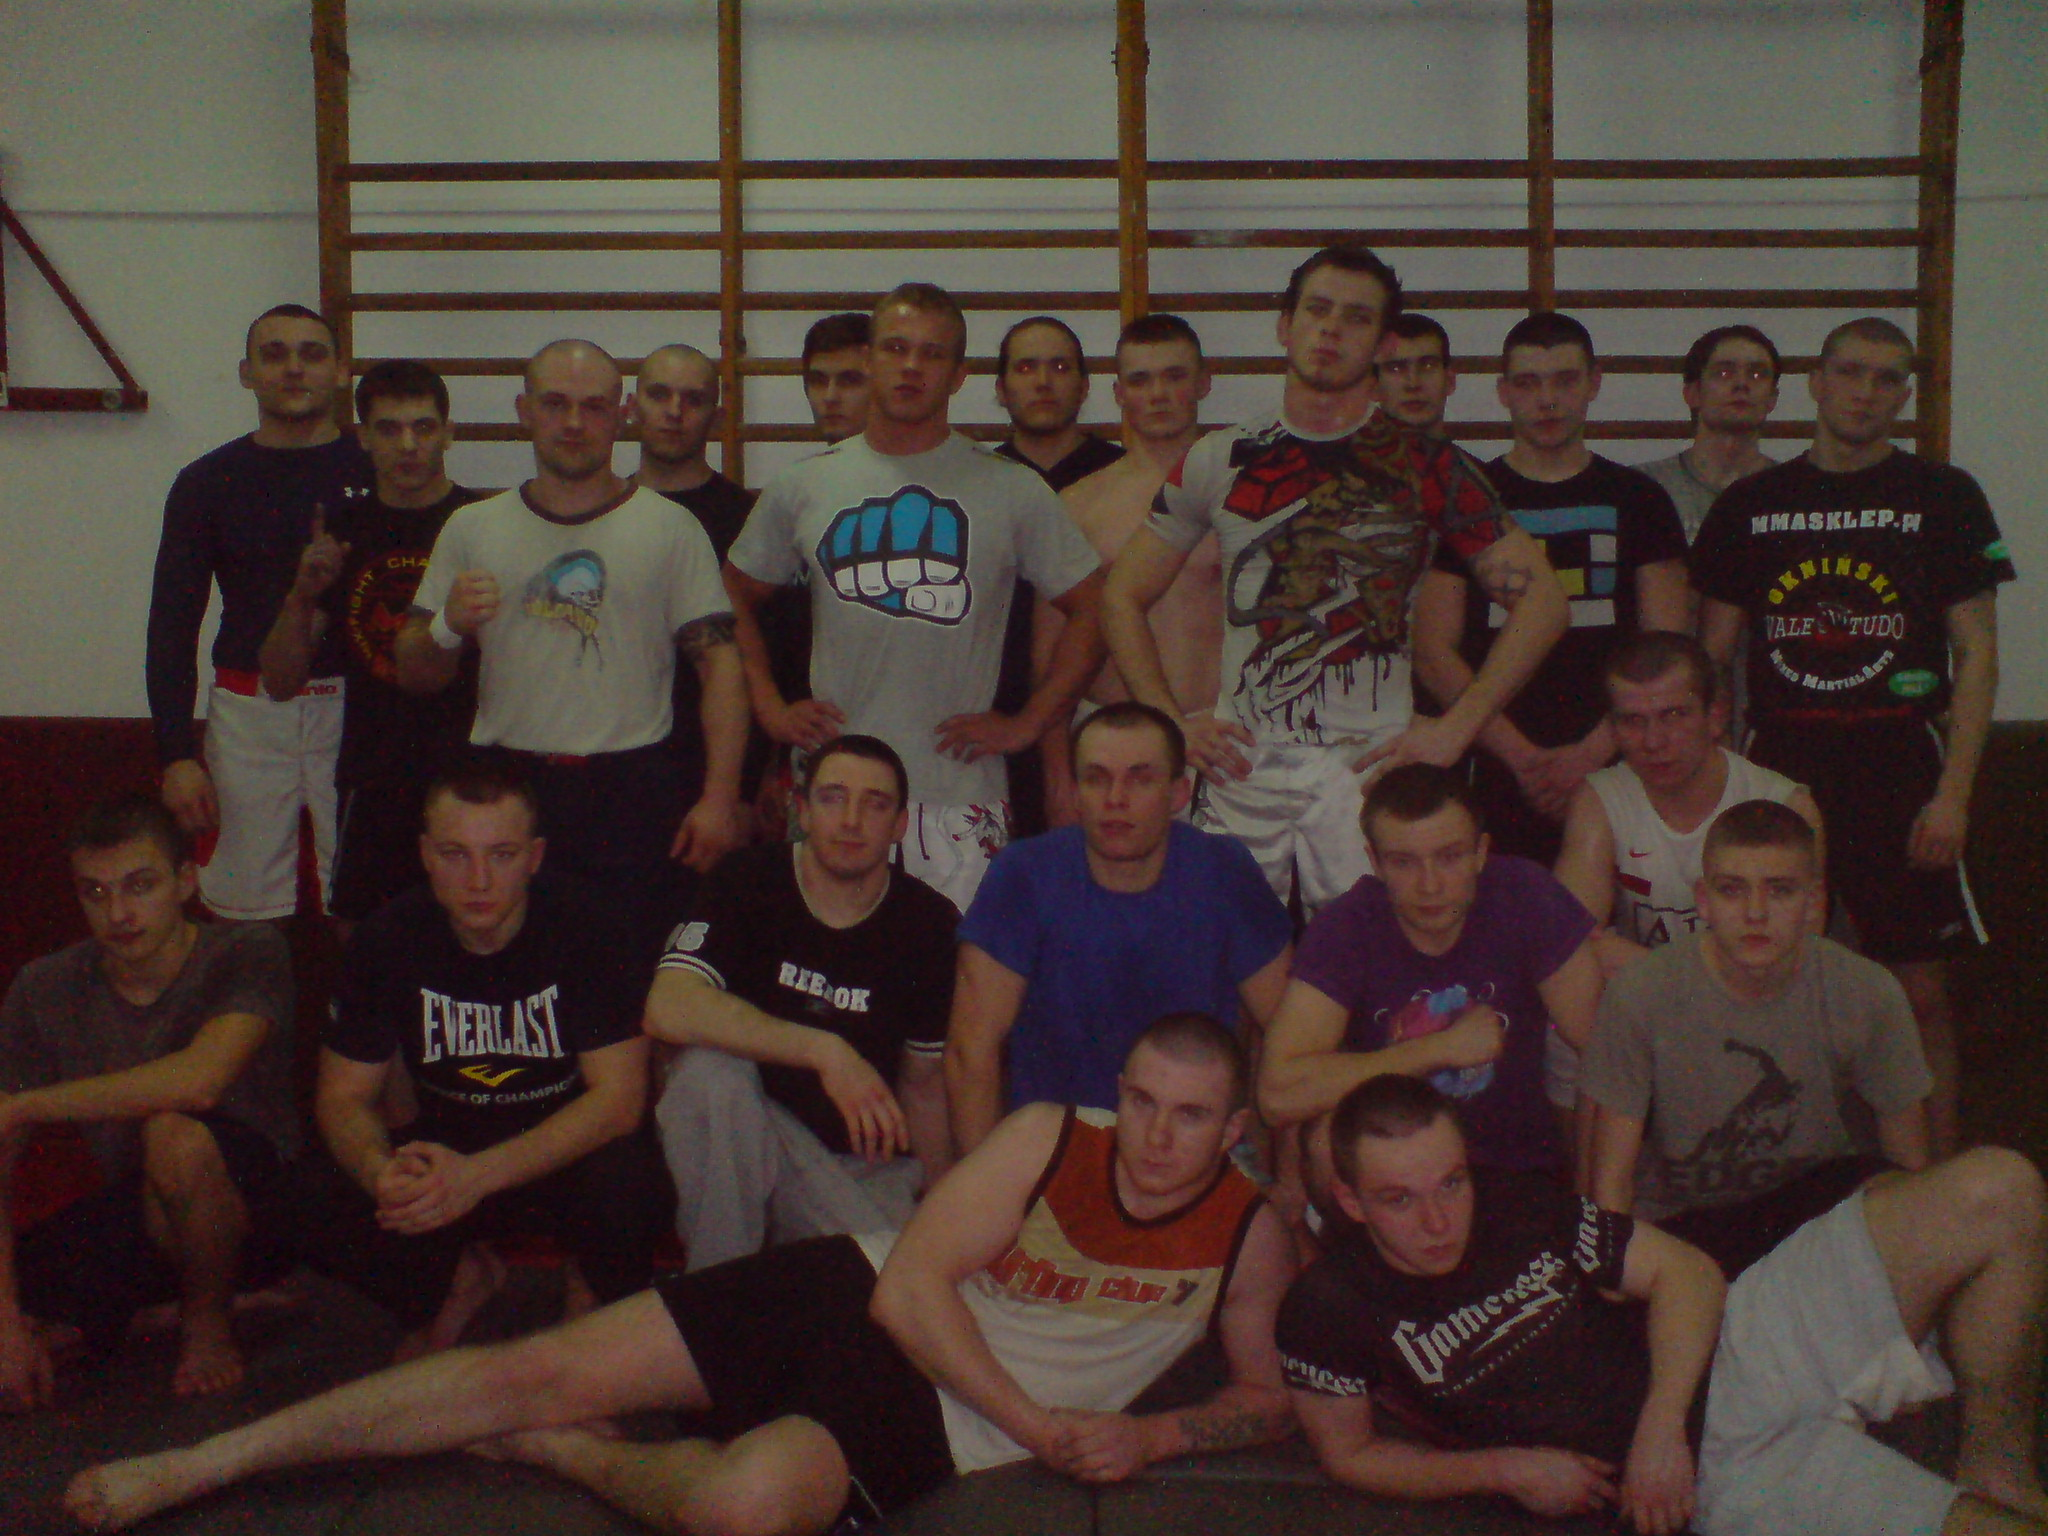 Seminarium z Krzysztofem Jotko. 18-24 lutego 2012 r.